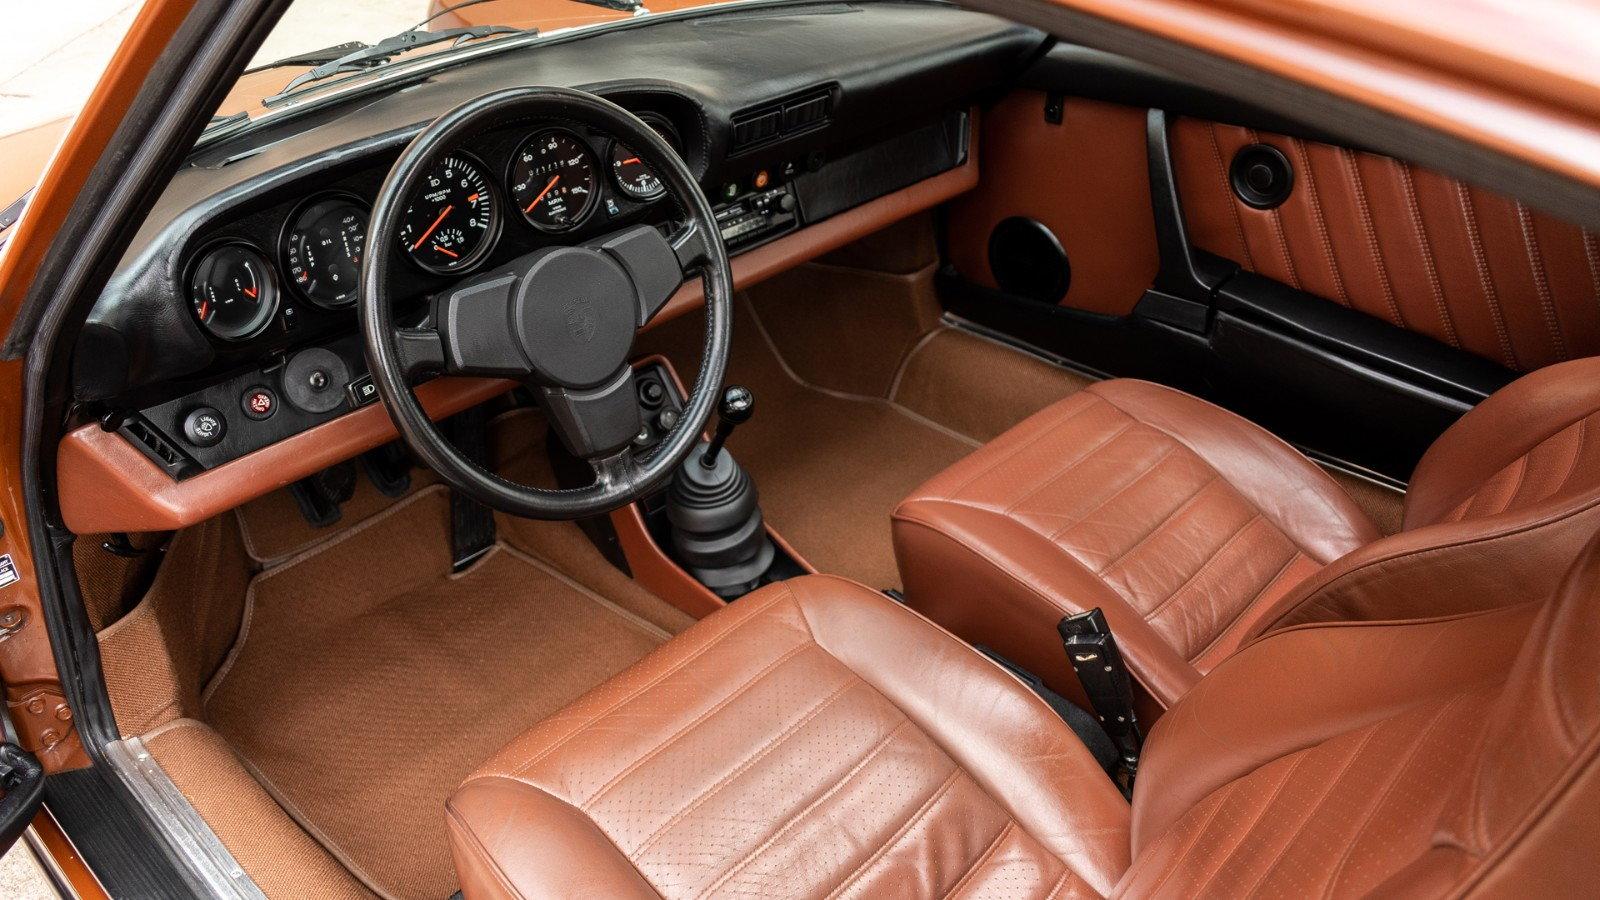 047060a21af 1977 Porsche 930 Turbo Carrera is one Sweet Ride   Rennlist